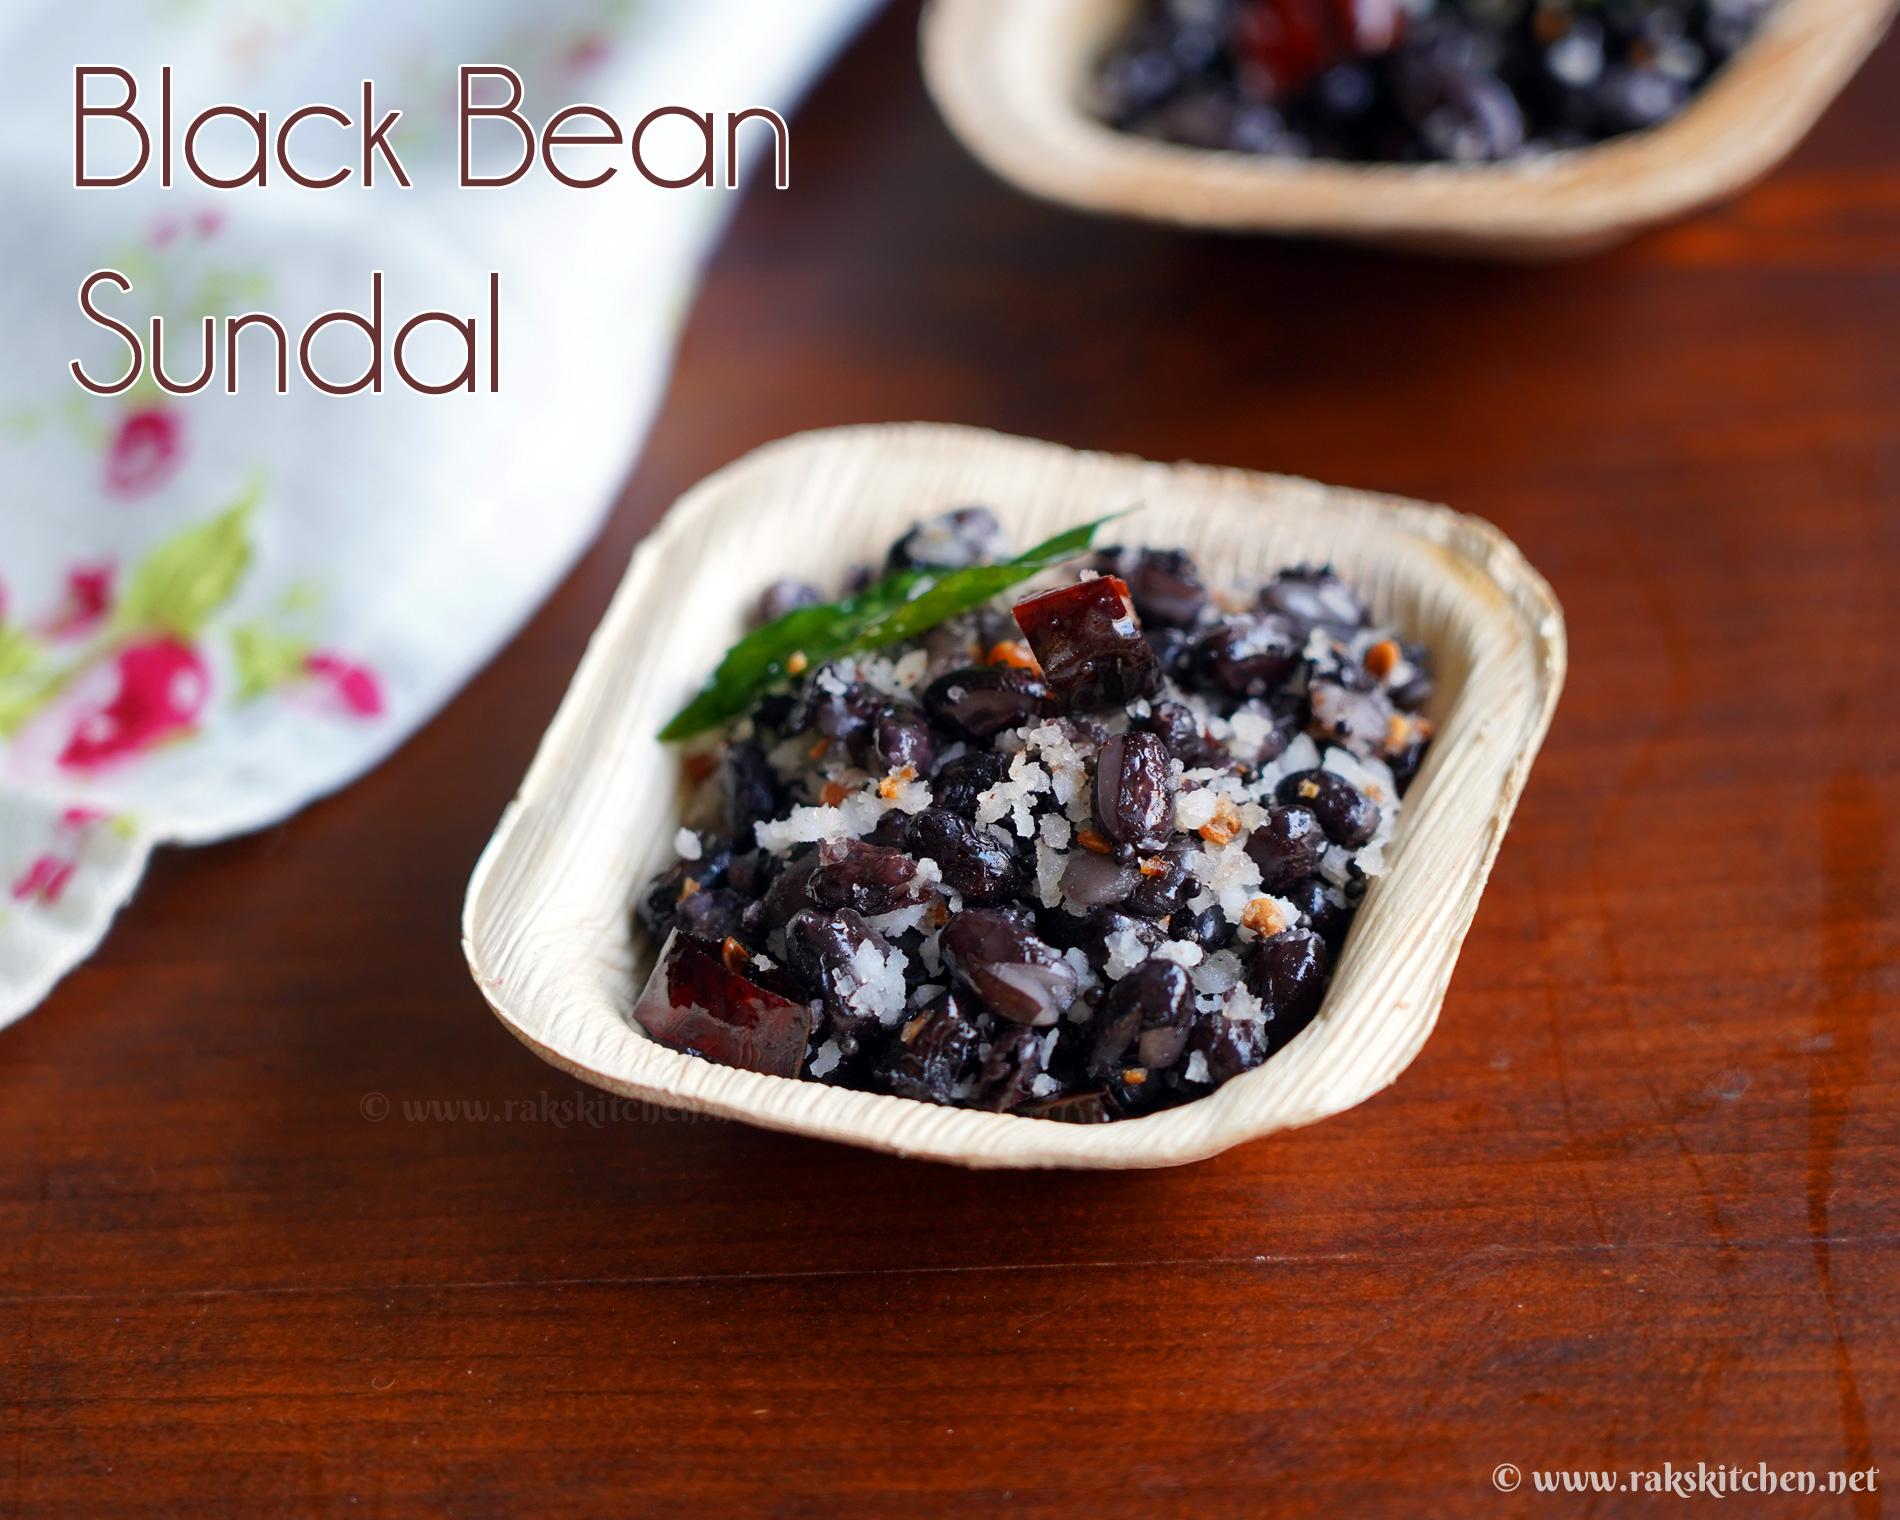 Black bean sundal